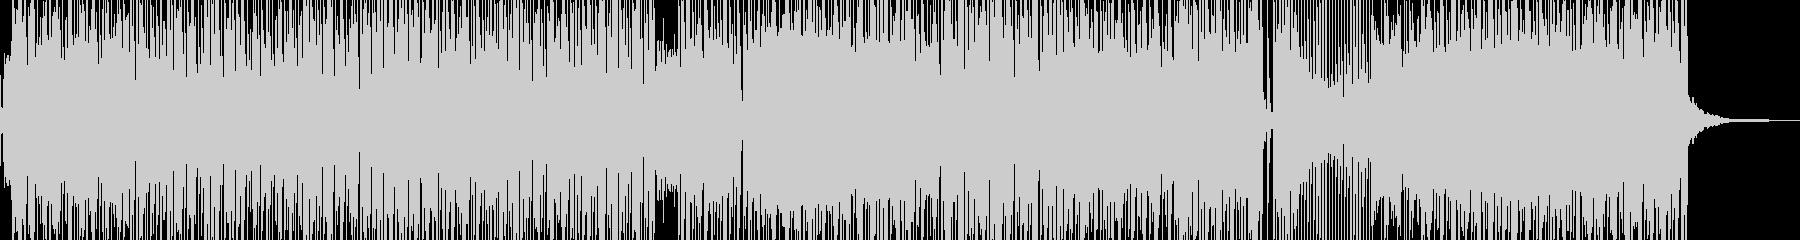 クールなギター・パーカッションロック ★の未再生の波形